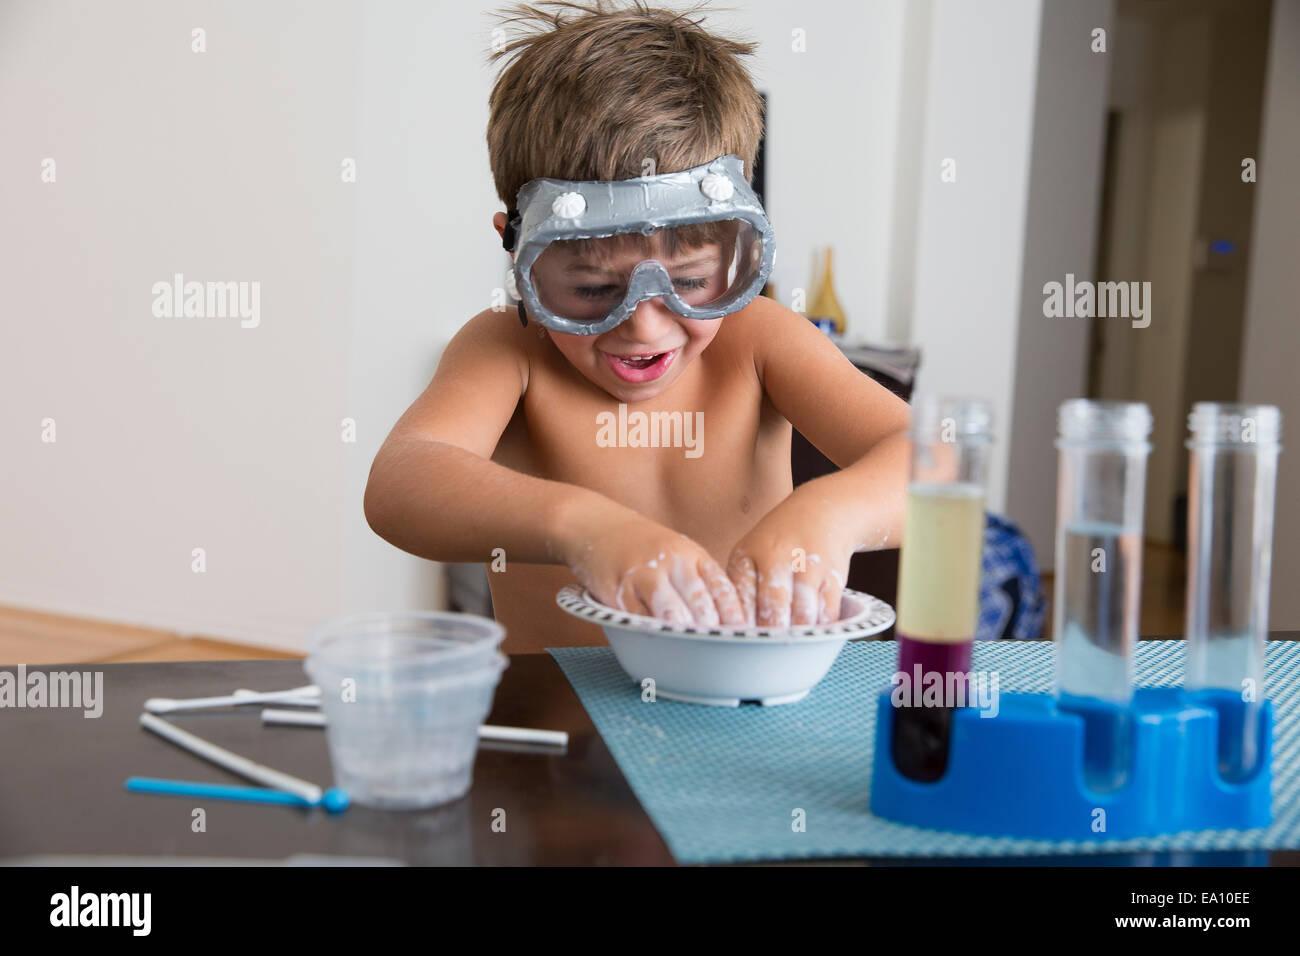 Chico en gafas jugando con la mezcla en un tazón Imagen De Stock